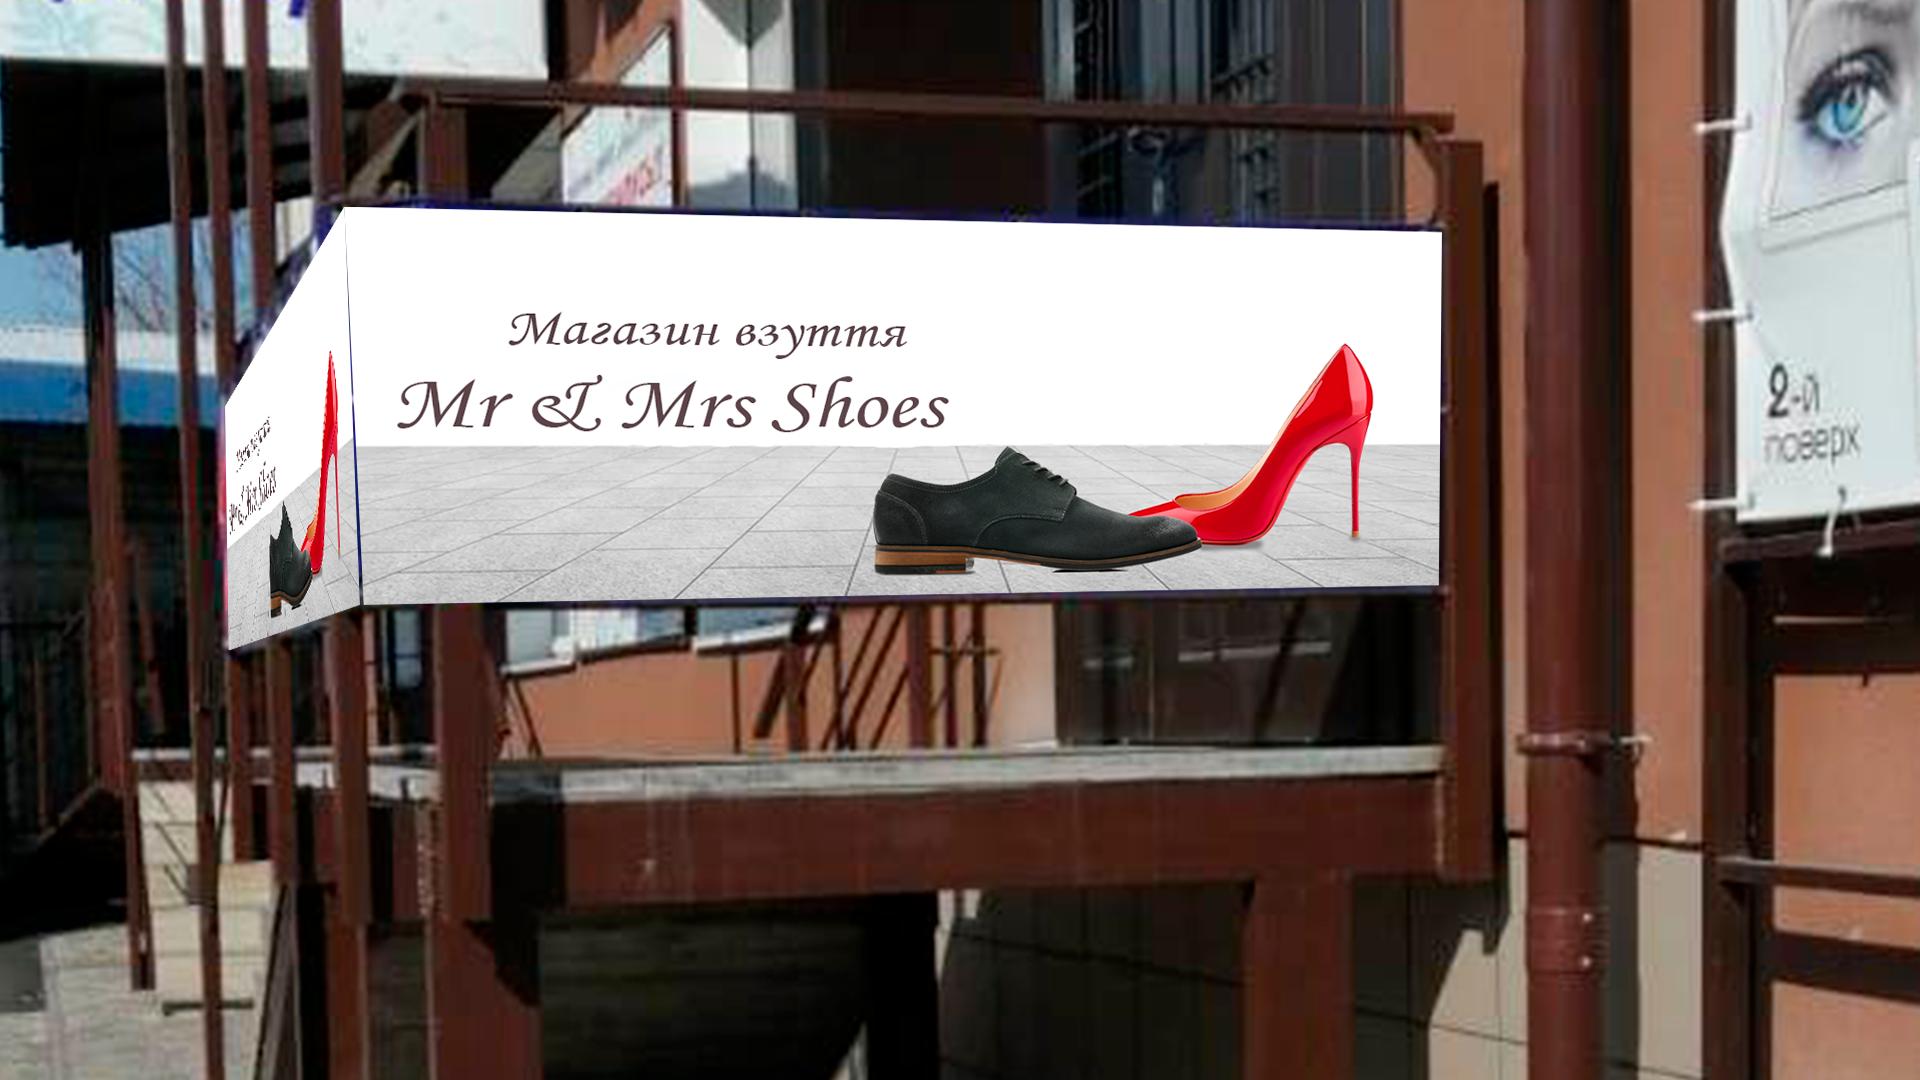 Фото Дизайн банера для магазина обуви